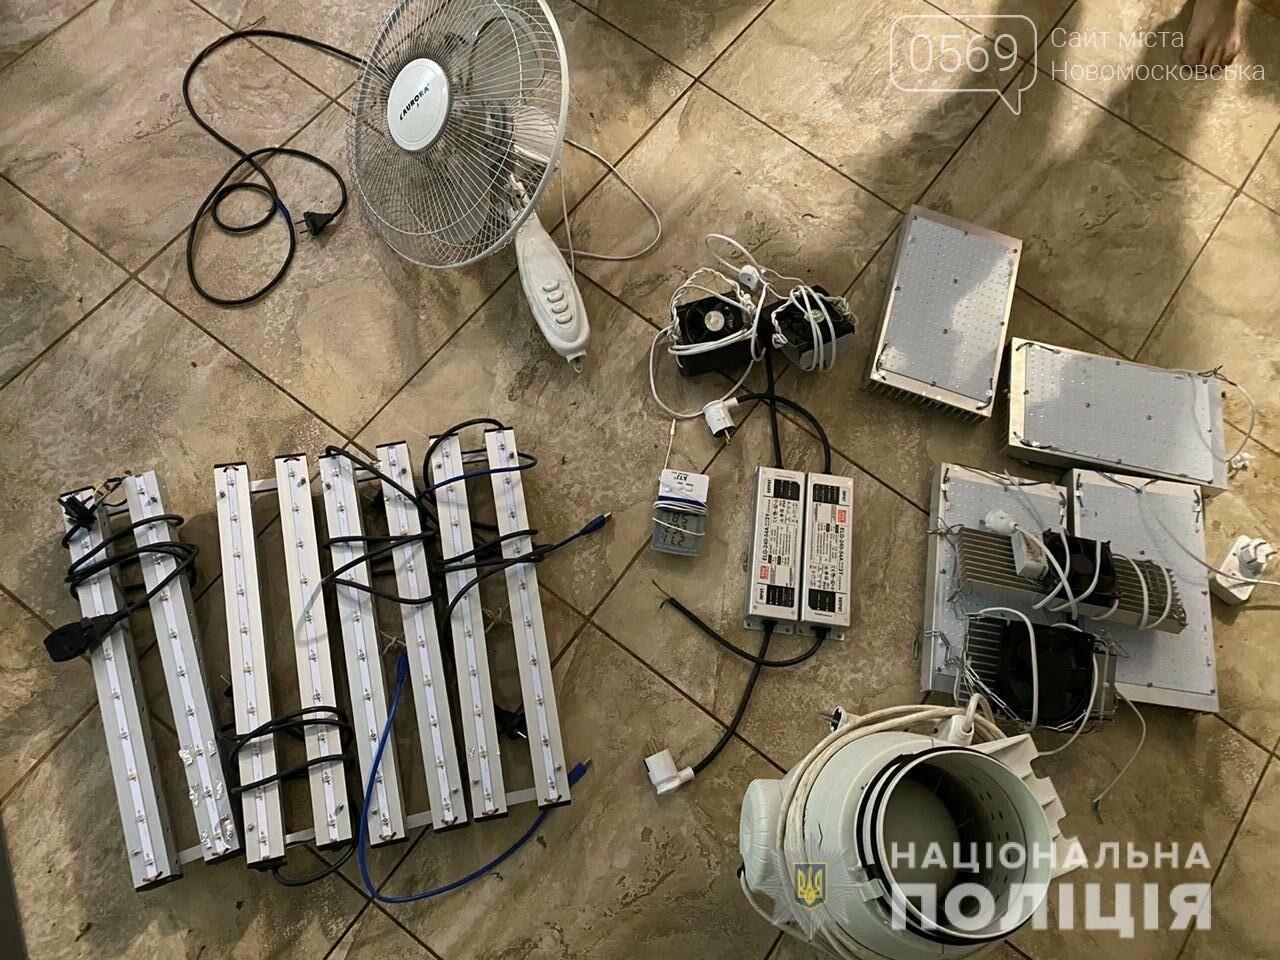 У Новомосковську поліцейські припинили злочинну діяльність наркоторговця, який вирощував та збував канабіс, фото-1